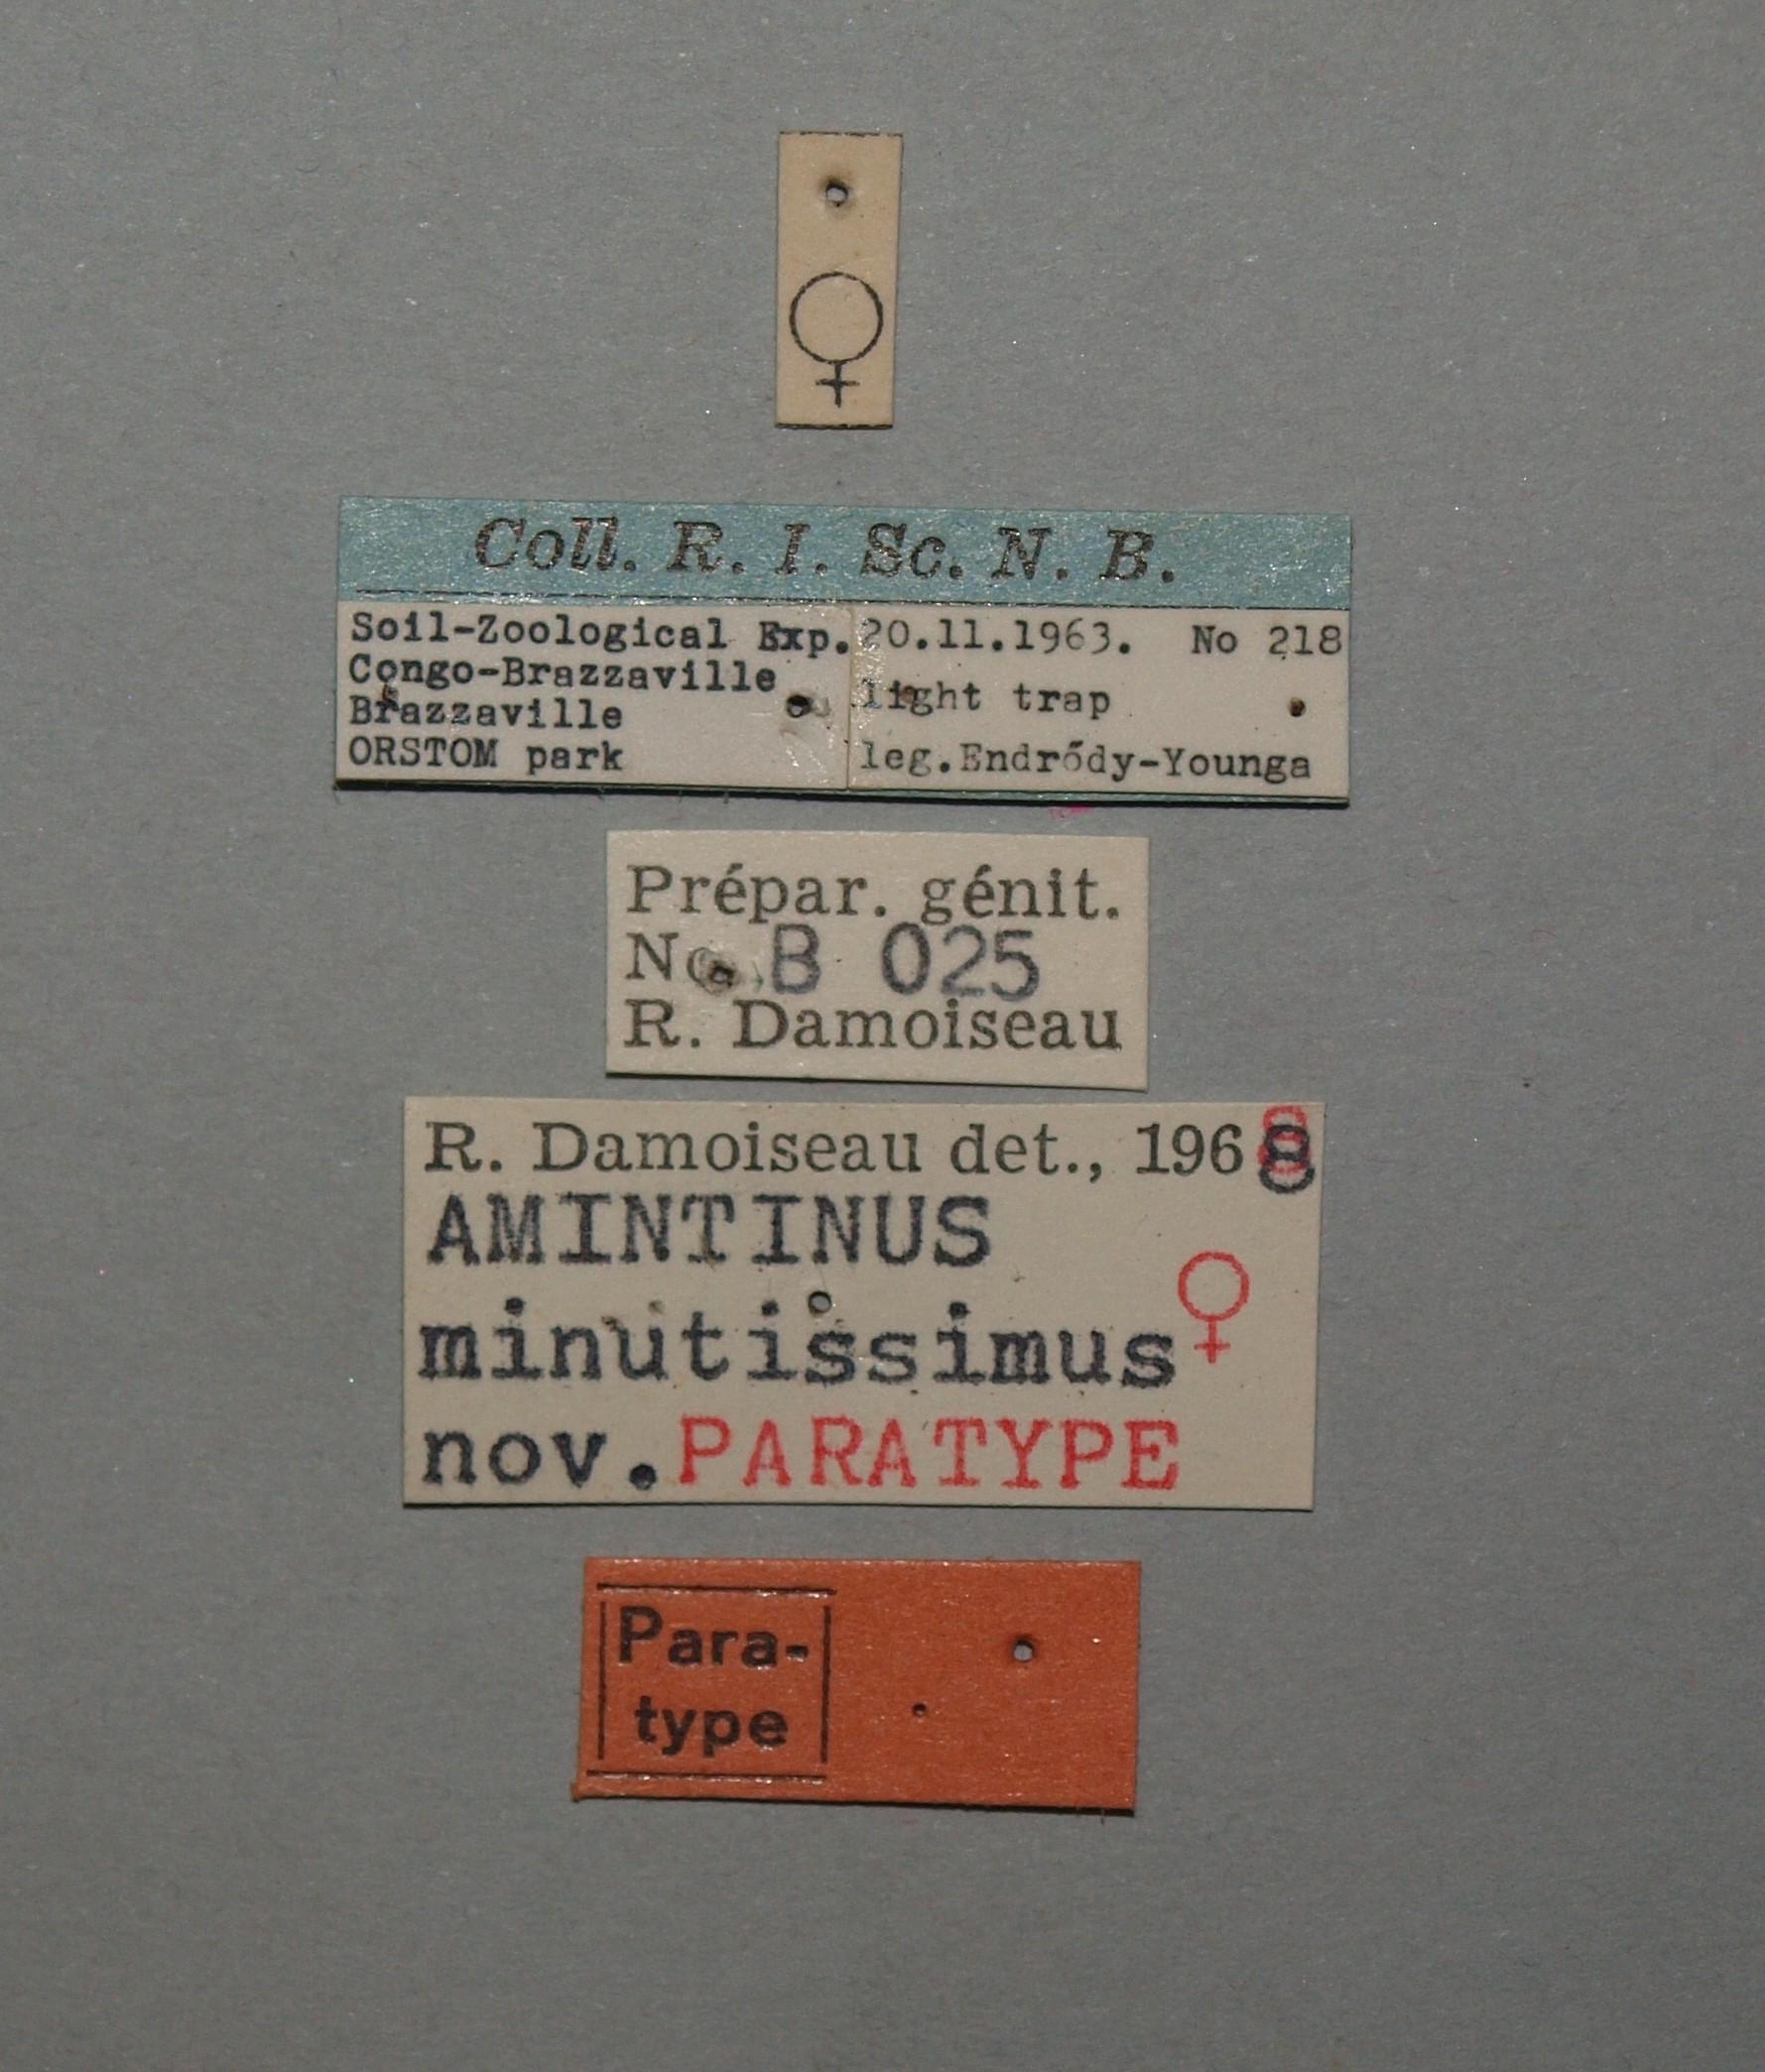 Amintinus minutissimus female pt.JPG